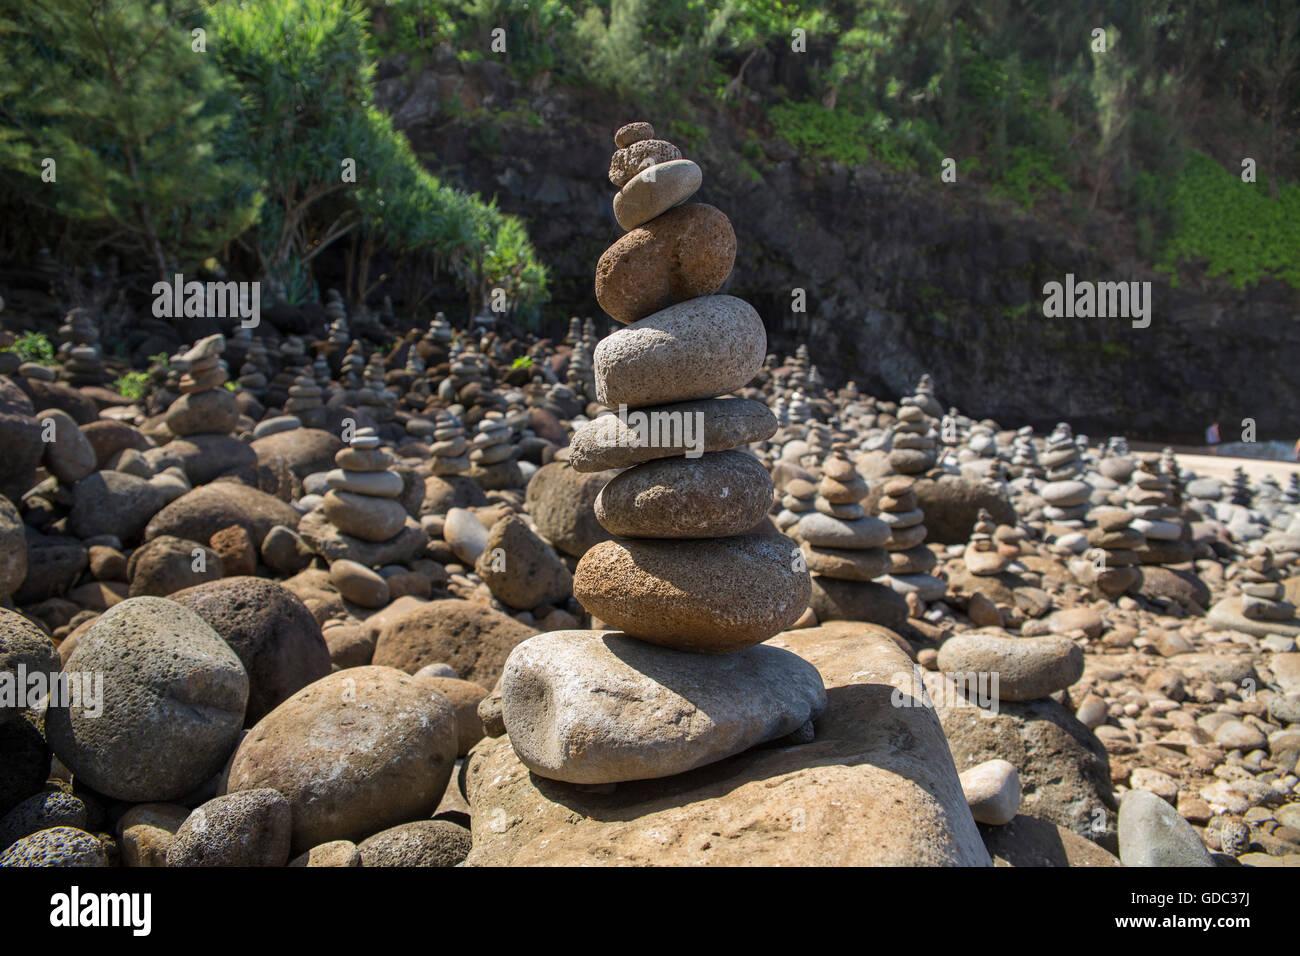 Kauai,Hanakapiai,Well Pali,Trail,cairn,Kauai,USA,Hawaii,America, - Stock Image